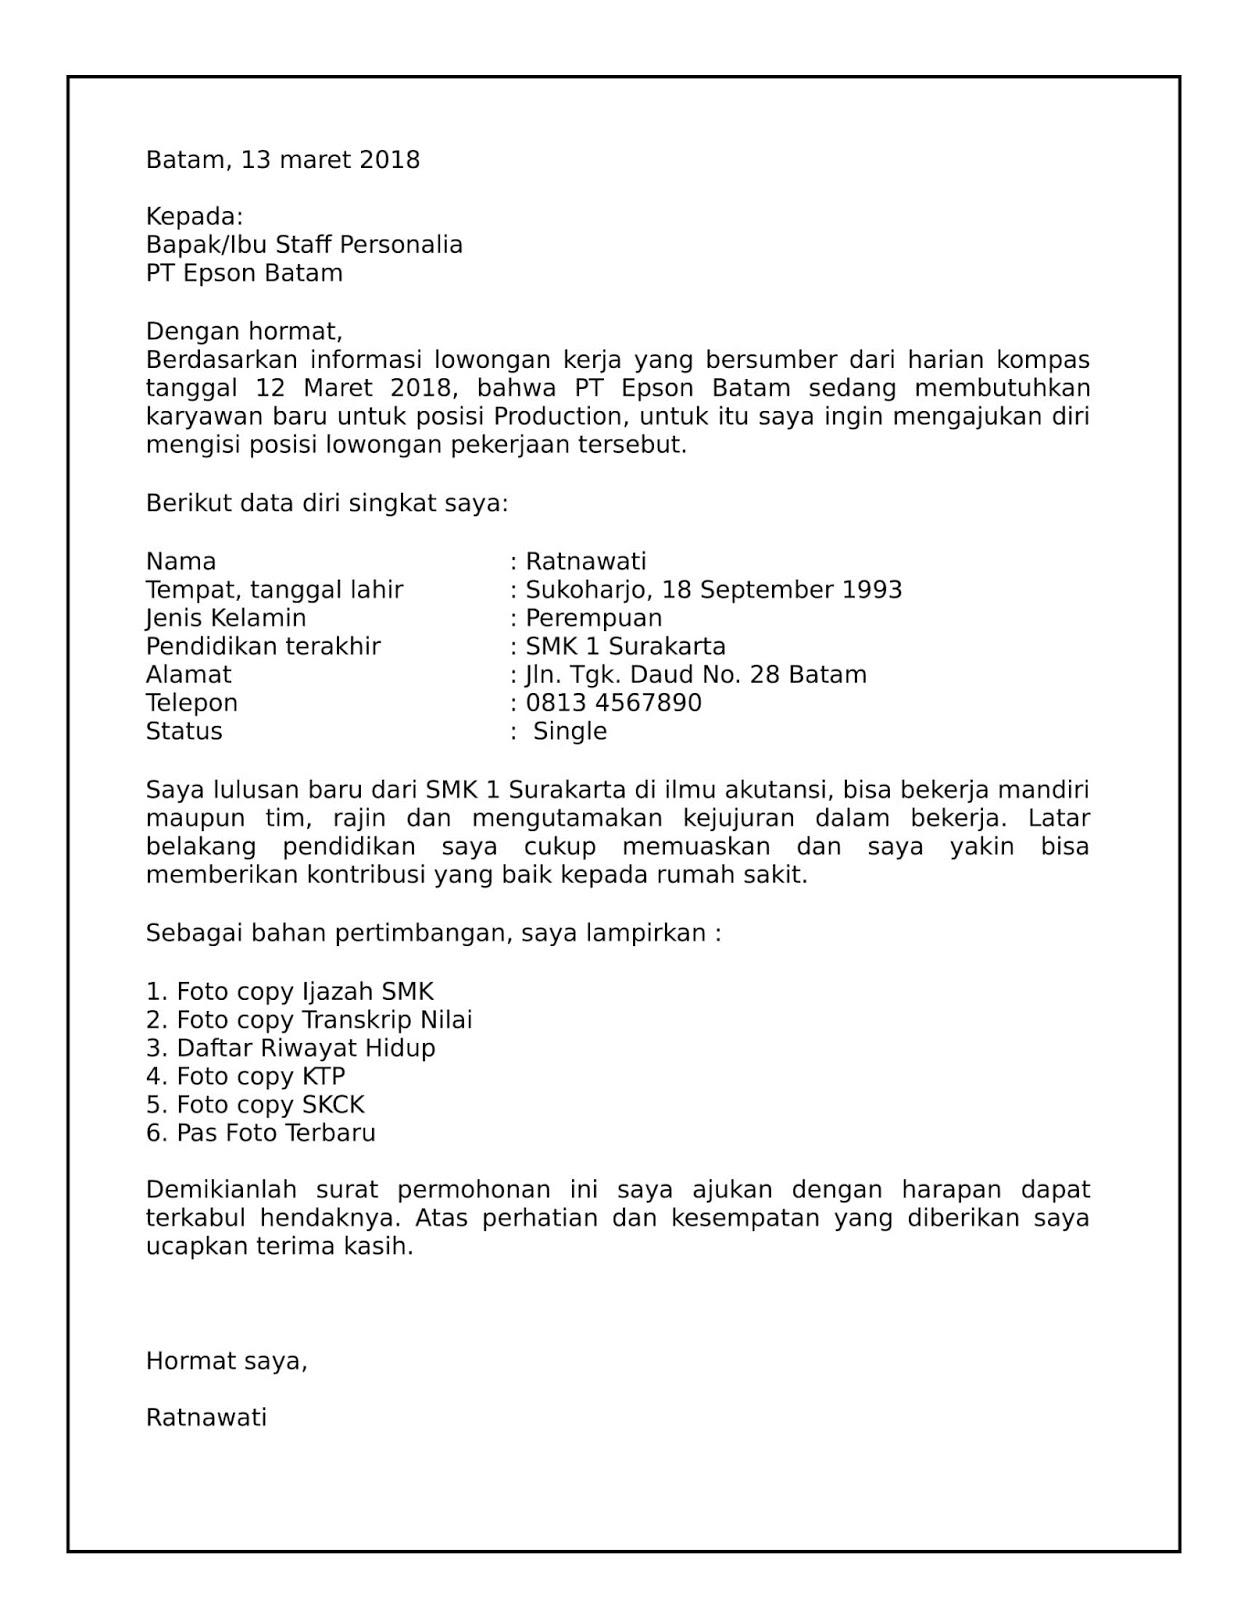 Contoh Surat Lamaran Kerja Di Pt Atau Pabrik Yang Paling Joss Contoh Surat